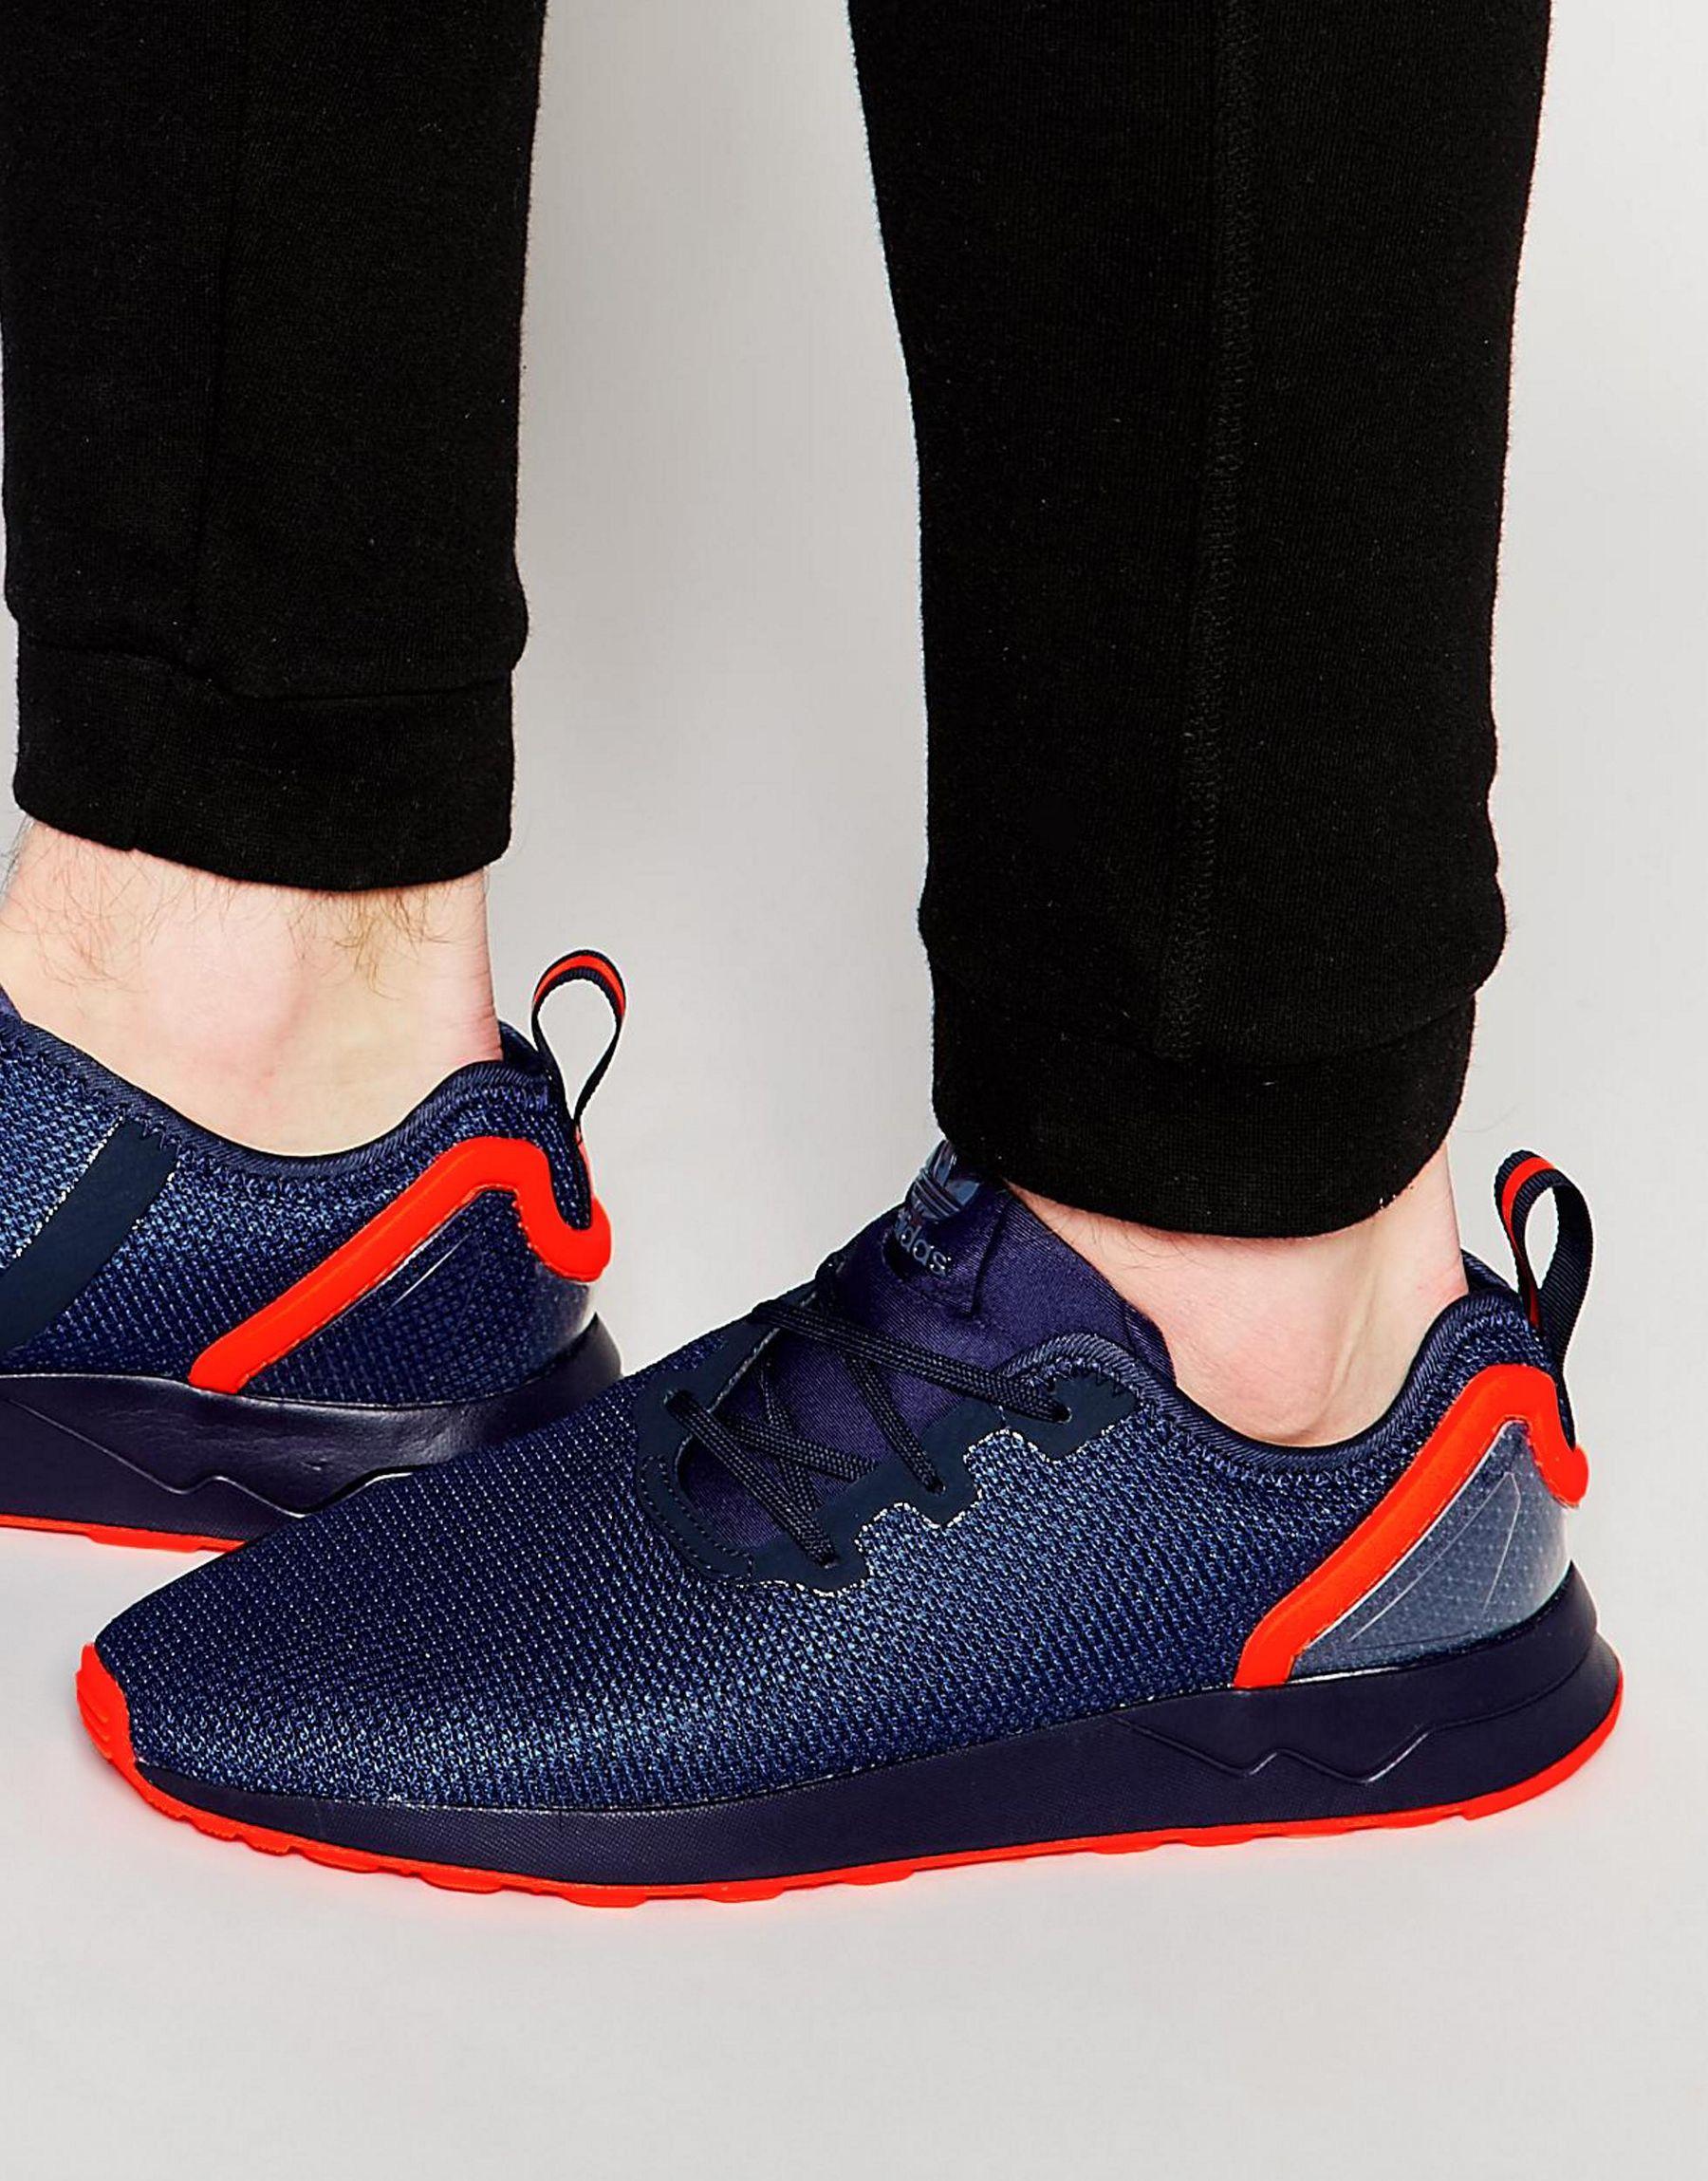 Adidas originali asimmetrica zx flusso aq3167 in blu per i formatori